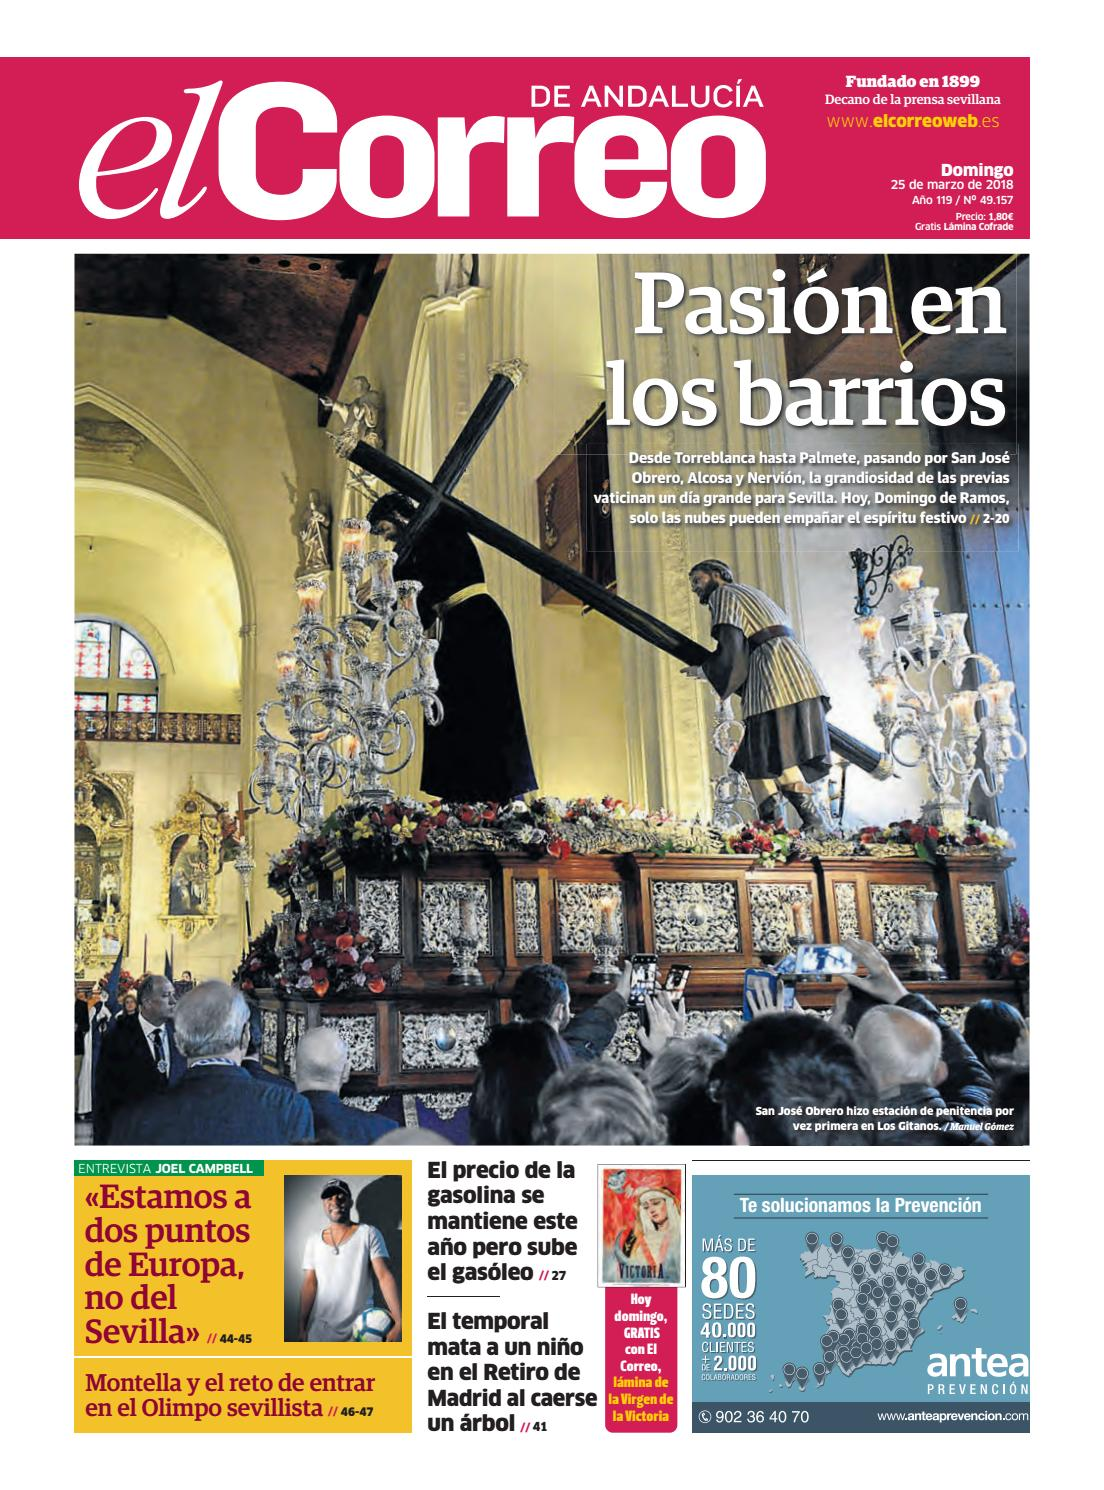 734ea3f92 25.03.2018 El Correo de Andalucía by EL CORREO DE ANDALUCÍA S.L. - issuu